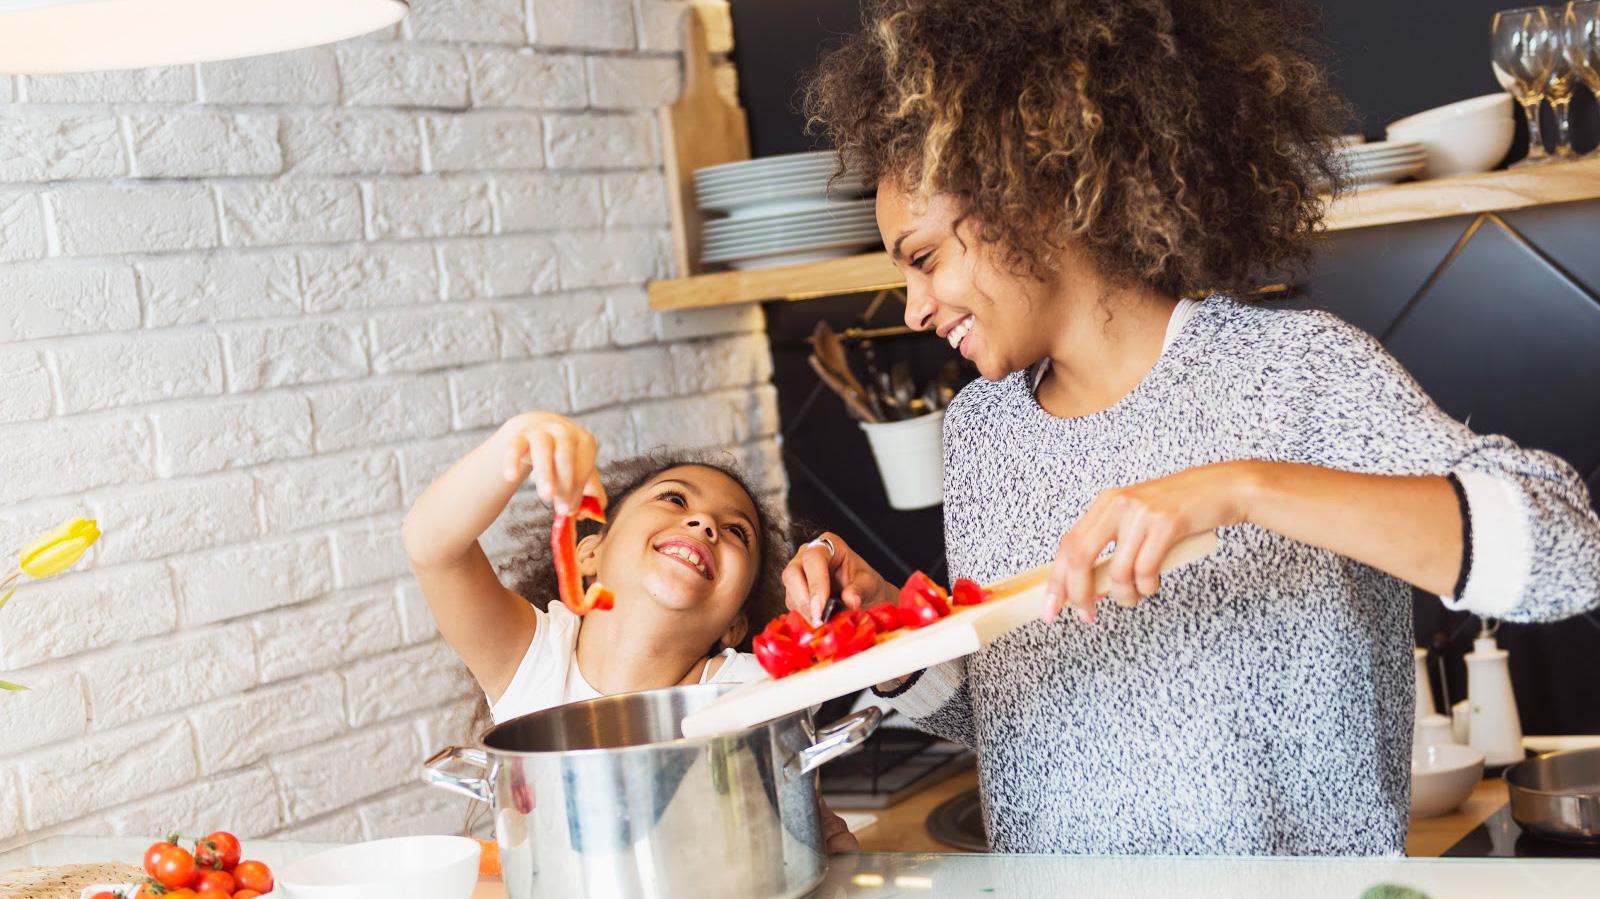 Une femme et sa fille apprêtant des légumes dans la cuisine.